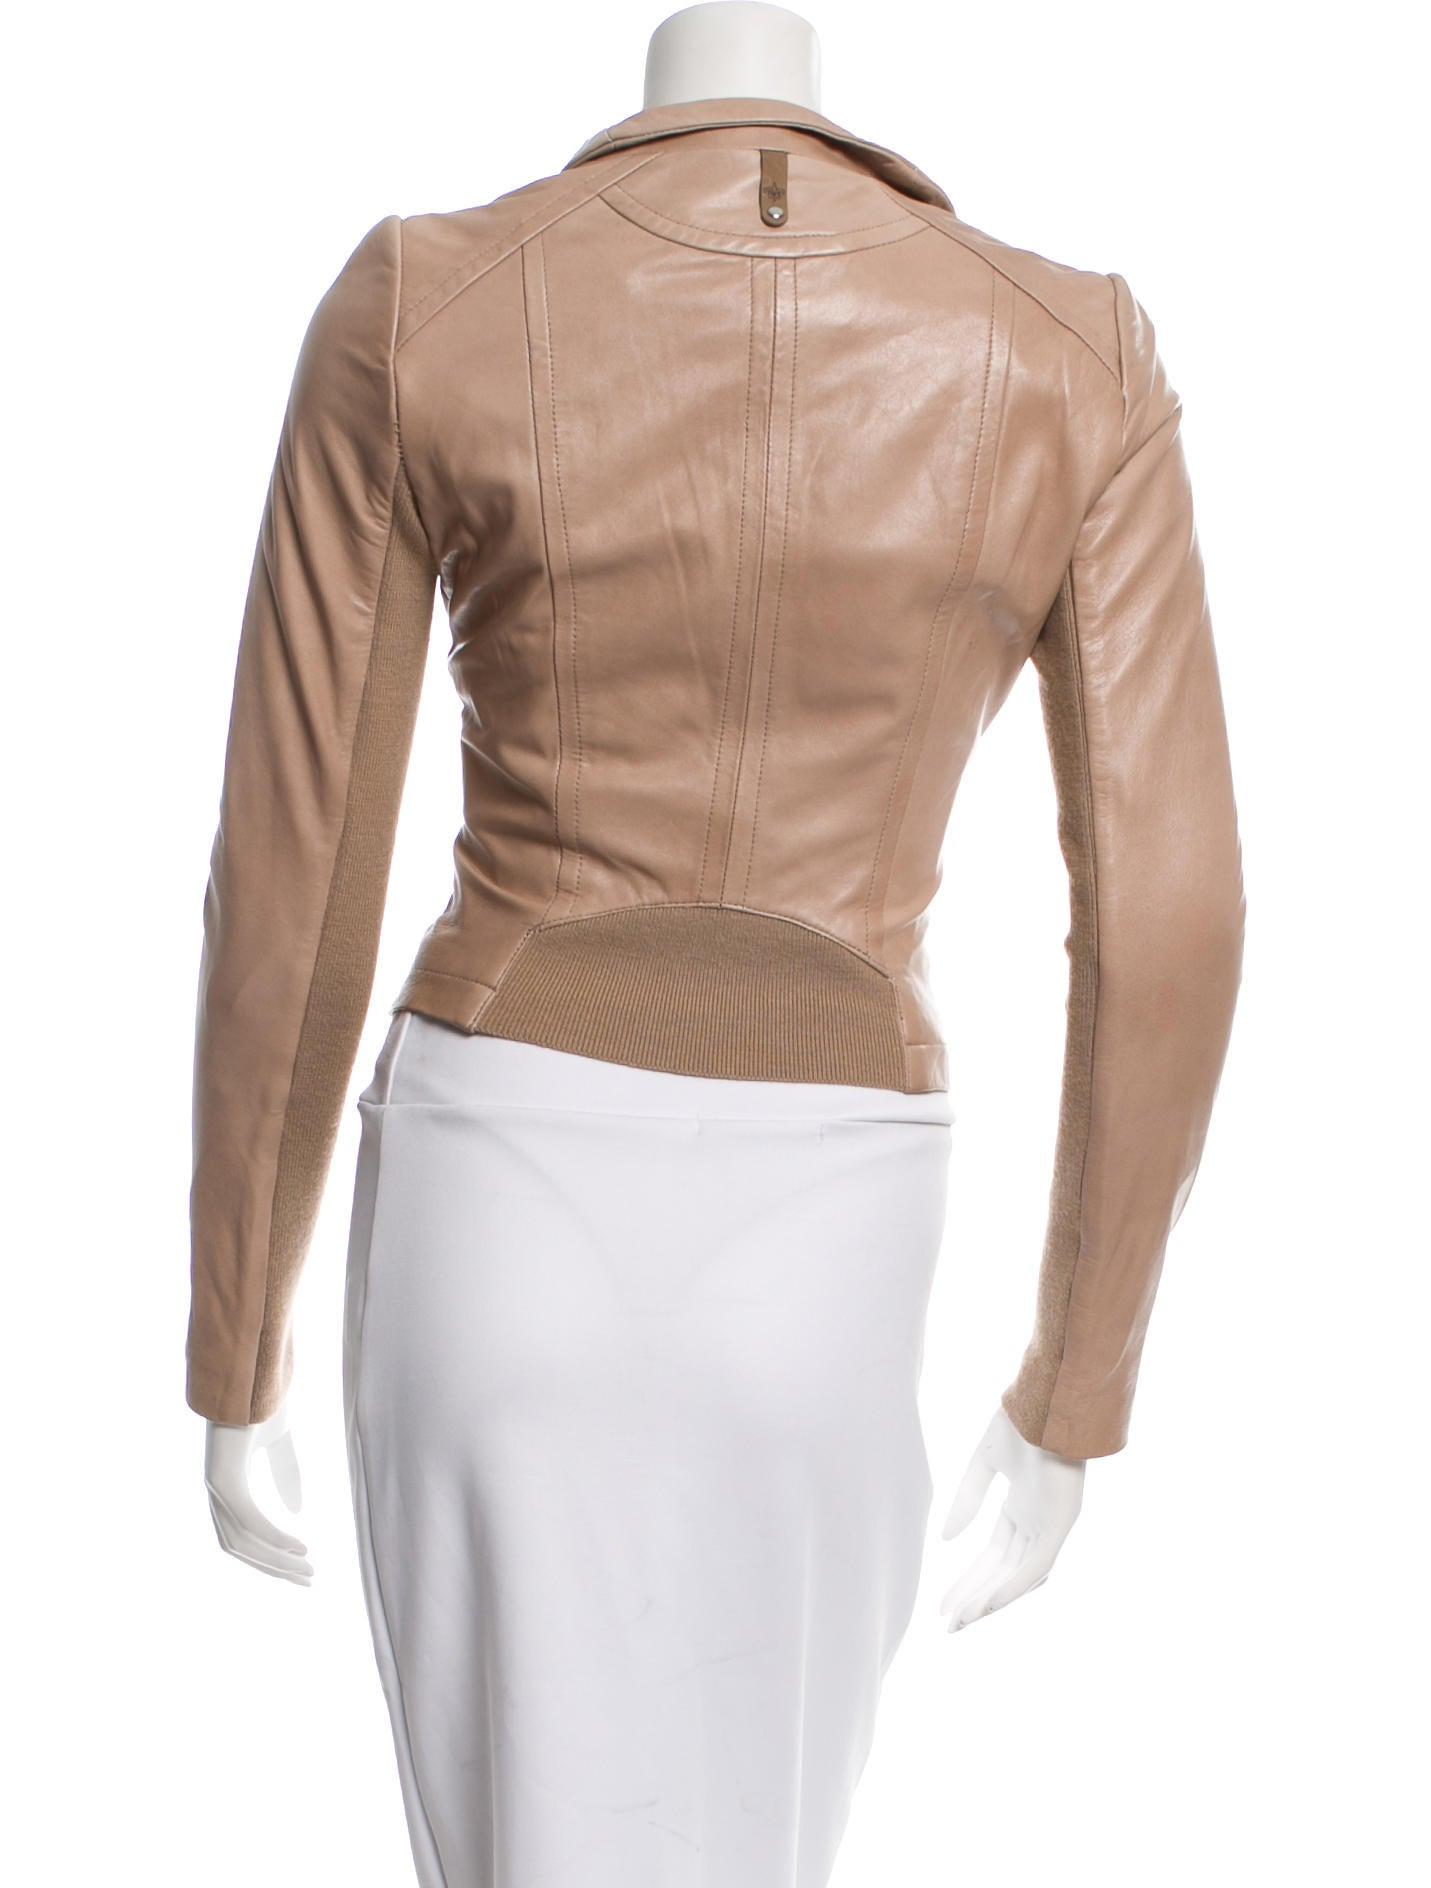 Mackage Leather Moto Jacket Clothing Whm20264 The